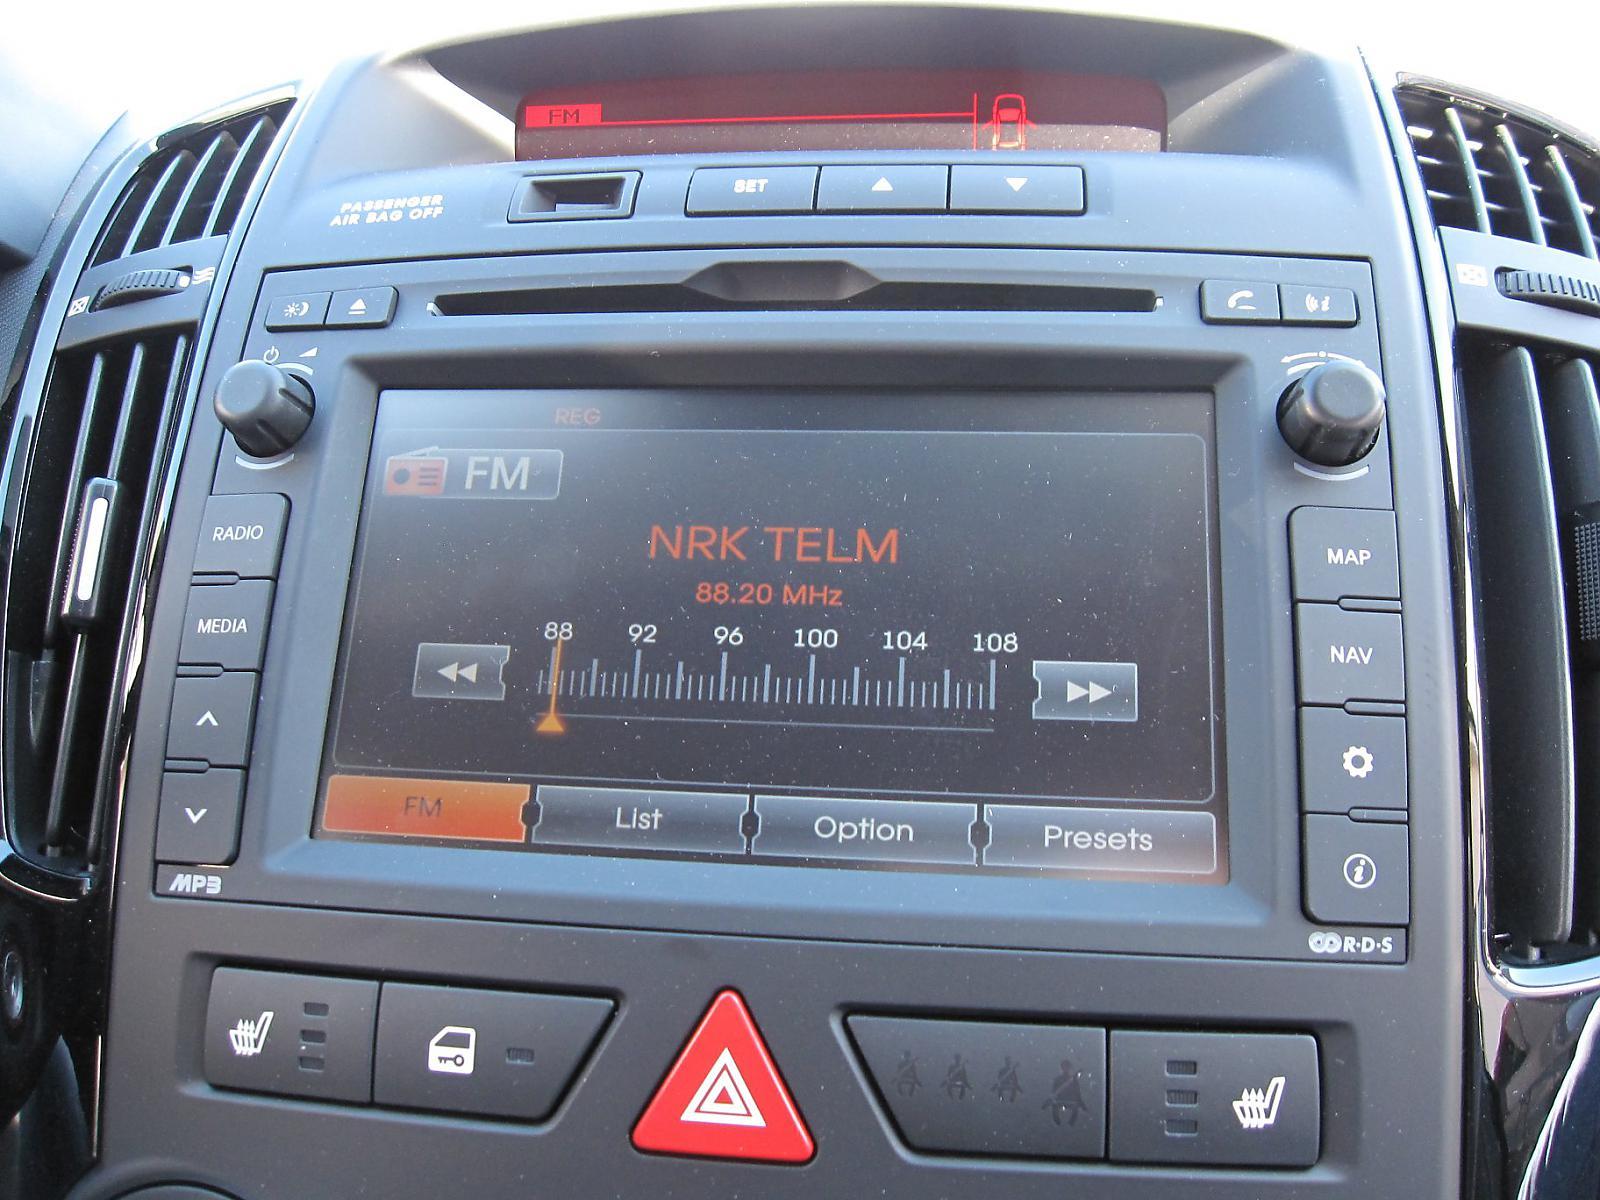 Telefonbuch übertragen Via Bluetooth Seite 2 Ceed Elektrik Inkl